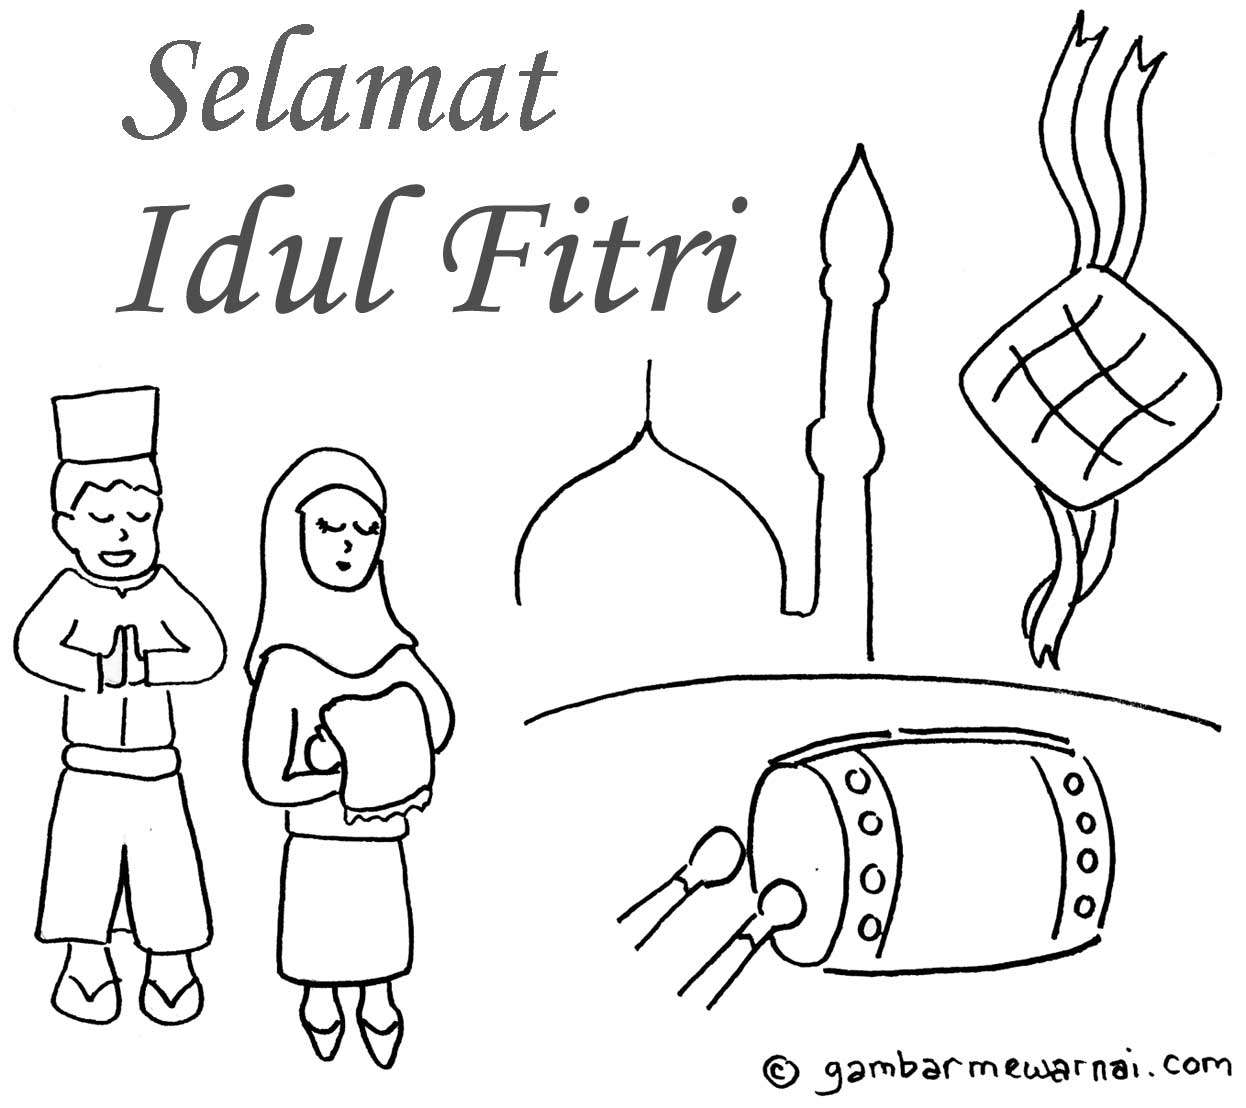 [Edisi Special] Mewarnai Gambar Tema Lebaran (Idul Fitri